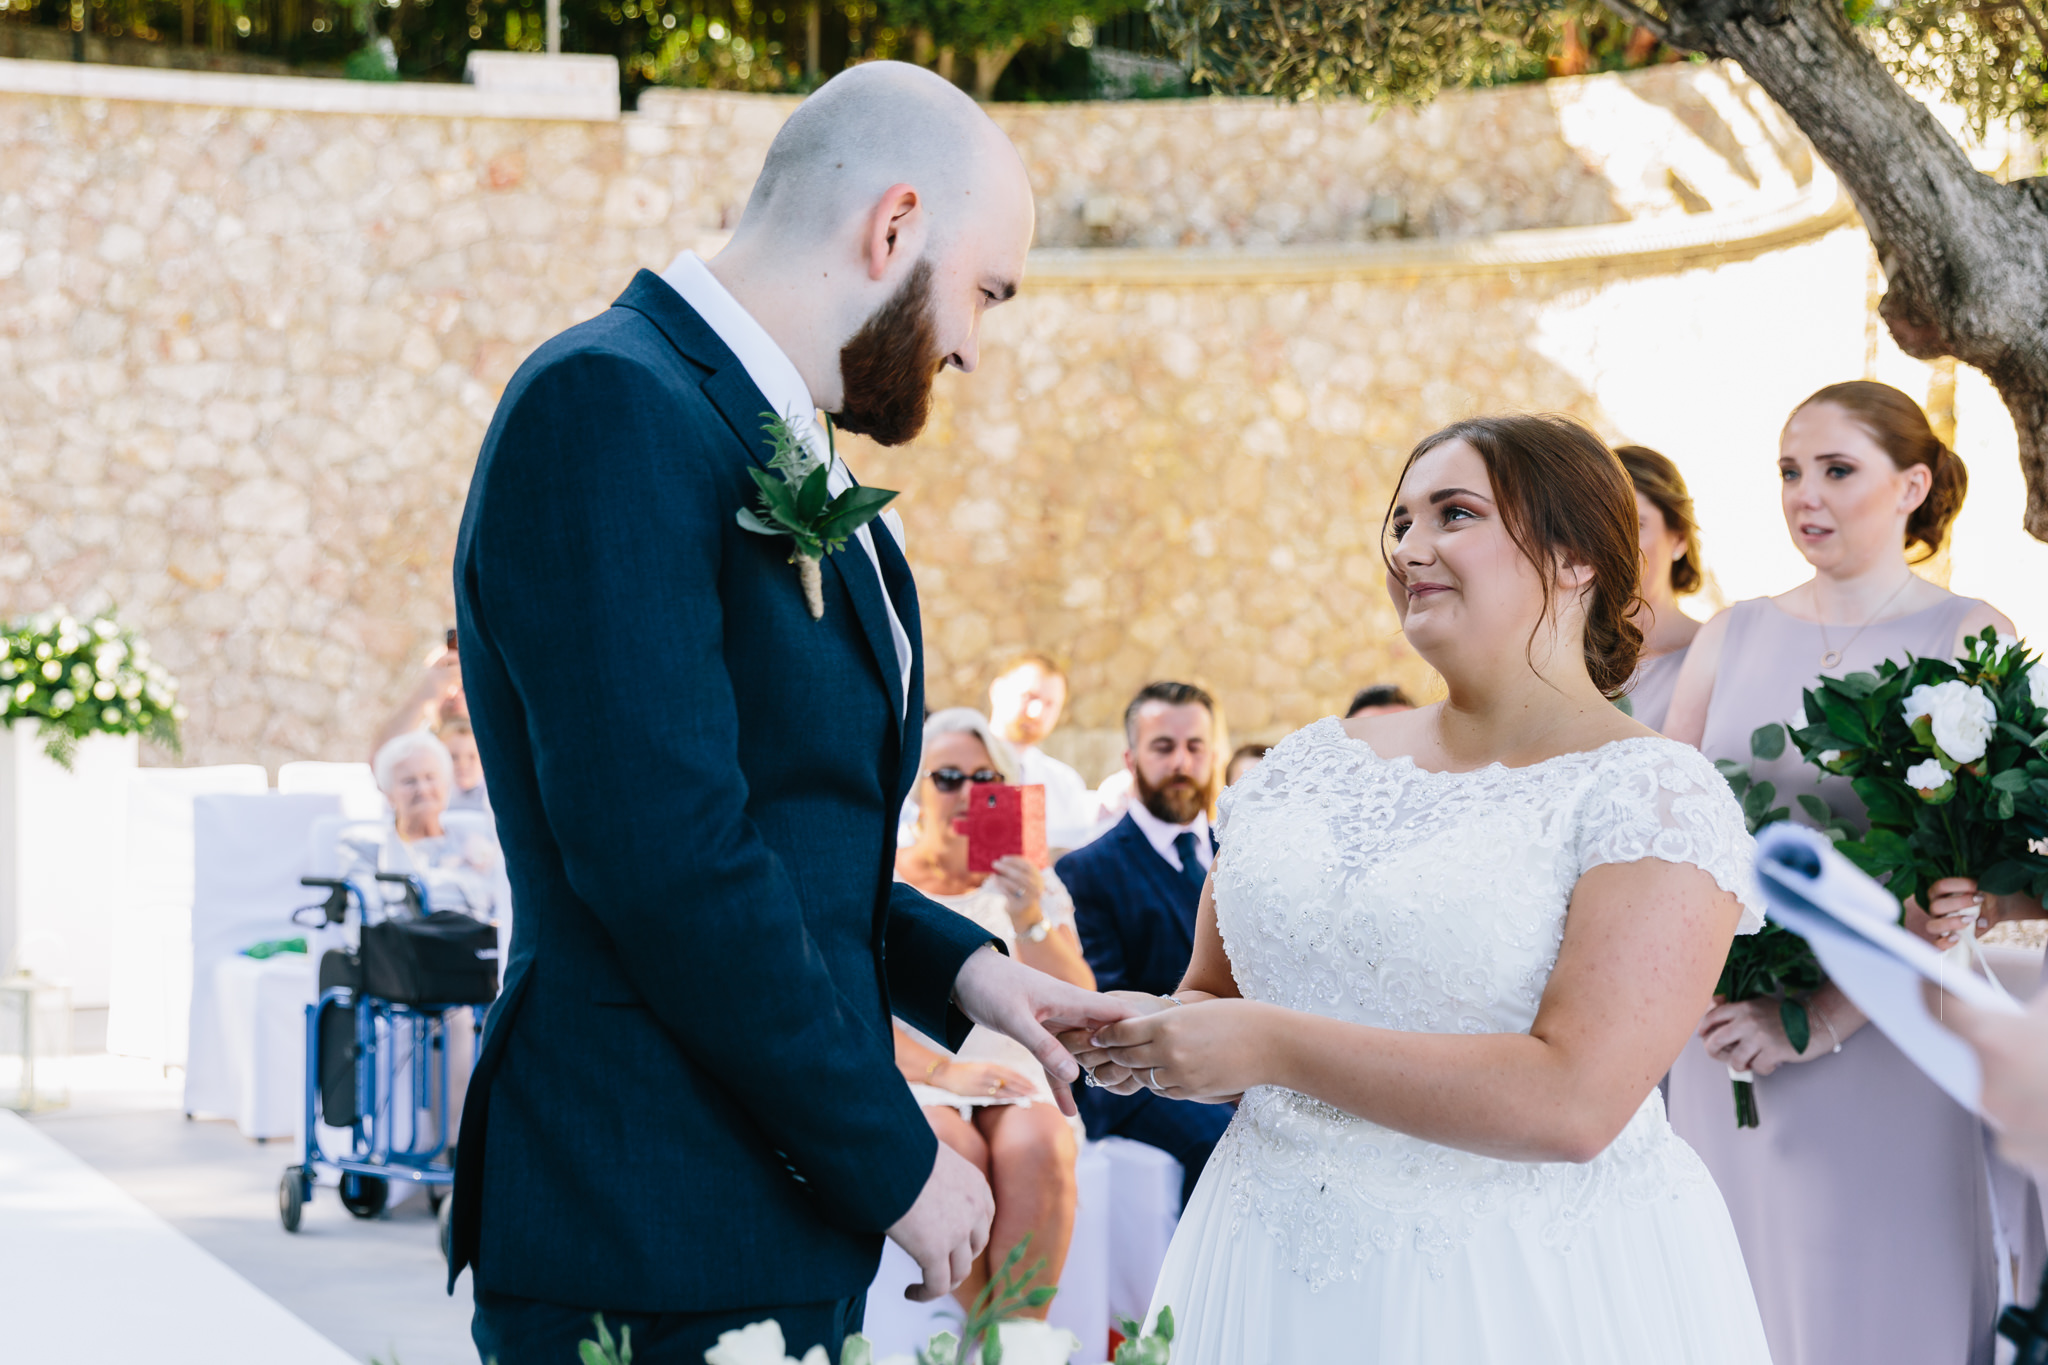 040-2019-04-27-Wedding-Michelle-e-Callum-5DE-509